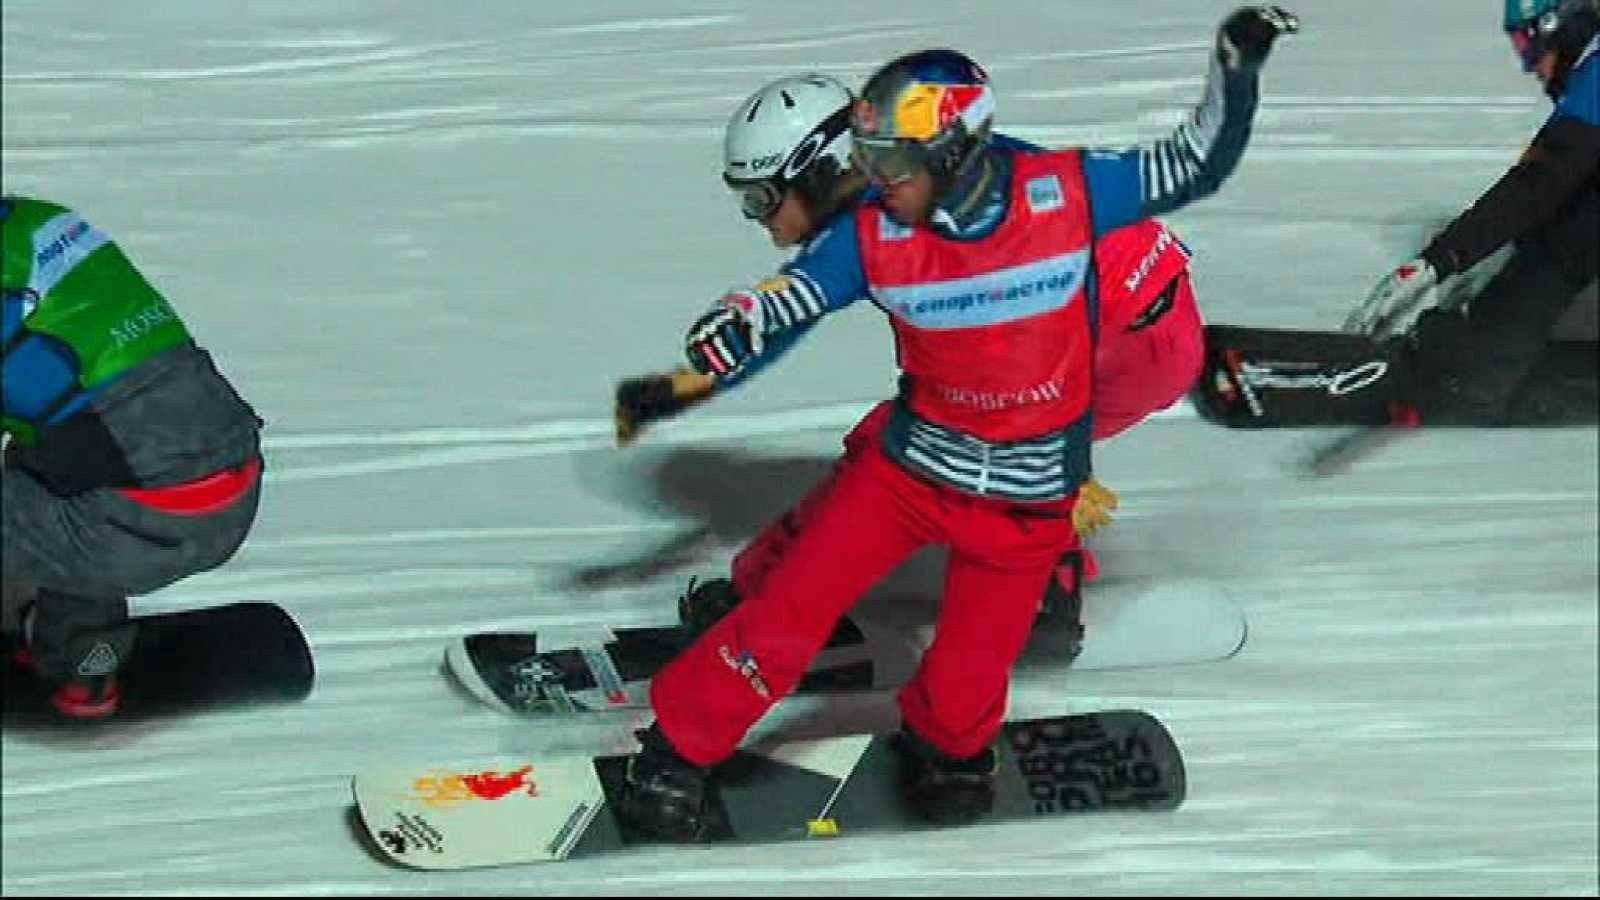 Snowboard - Copa del Mundo Finales SnowboardCross  - ver ahora